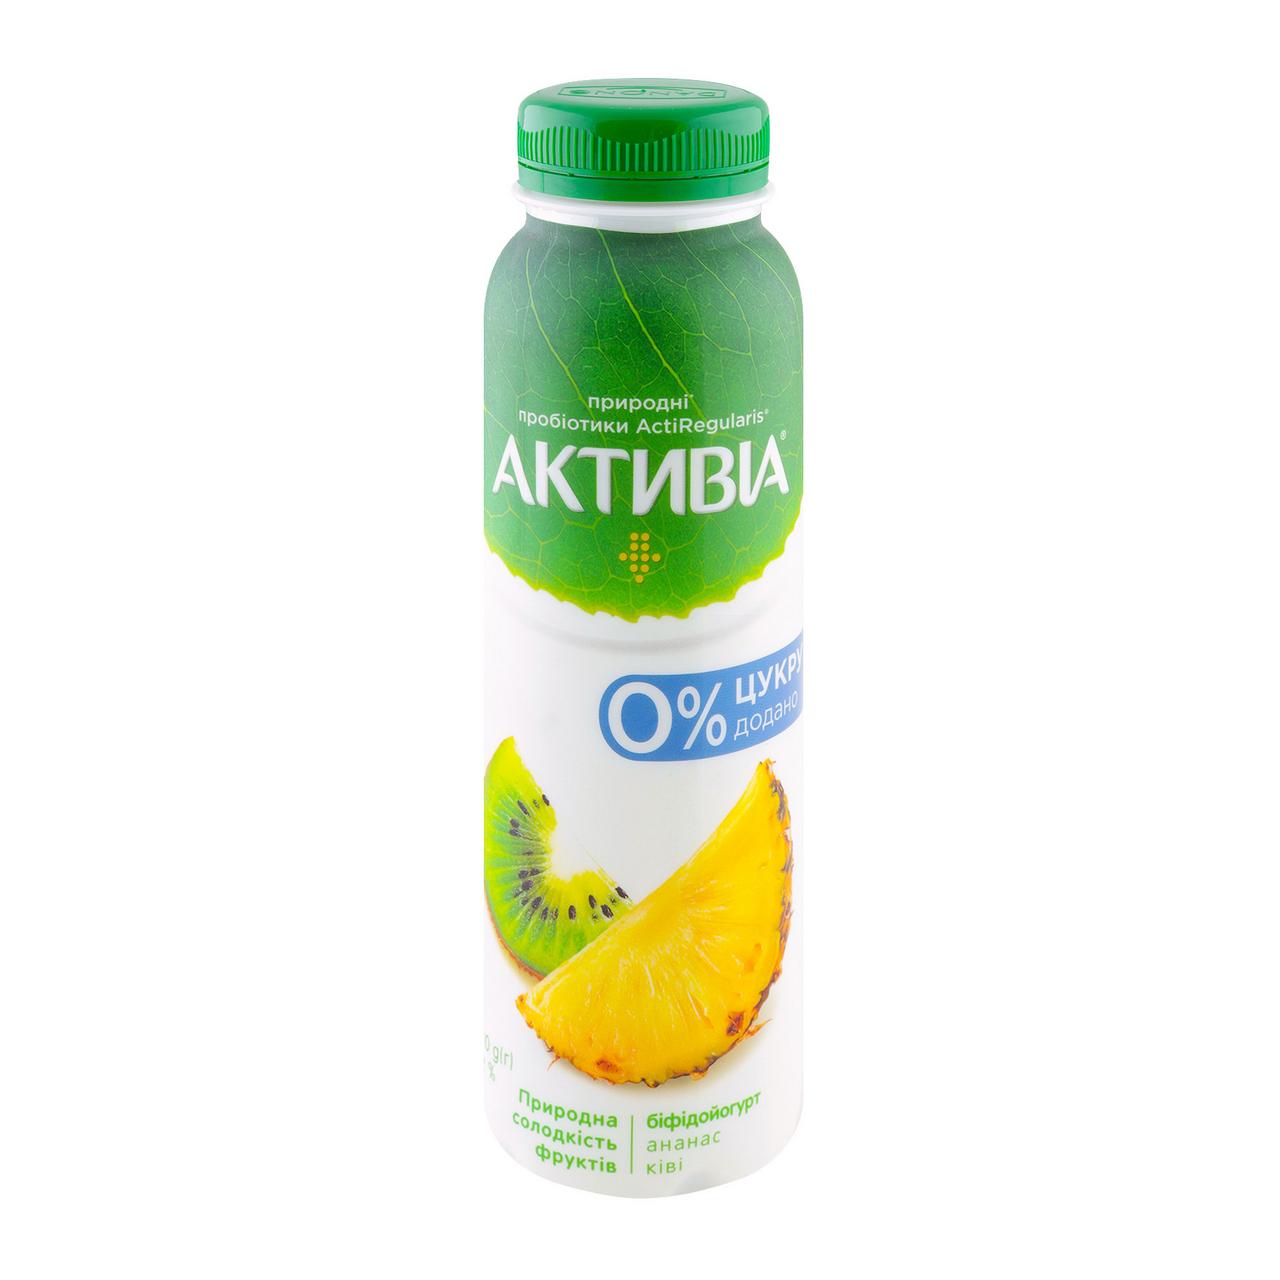 Біфідойогурт Активіа Ананас-ківі без цукру 1.2% 270г